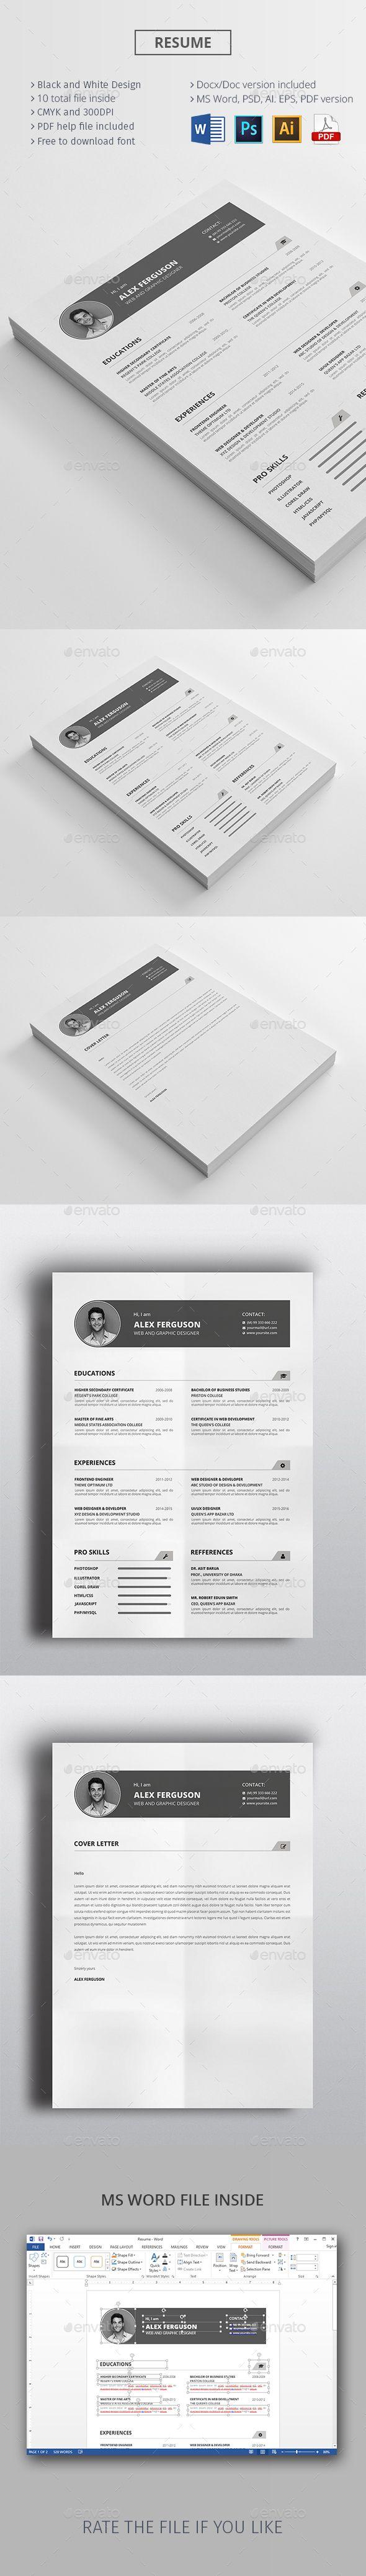 best ideas about cv pdf format lettre de resume cv template ms word ai eps psd pdf here